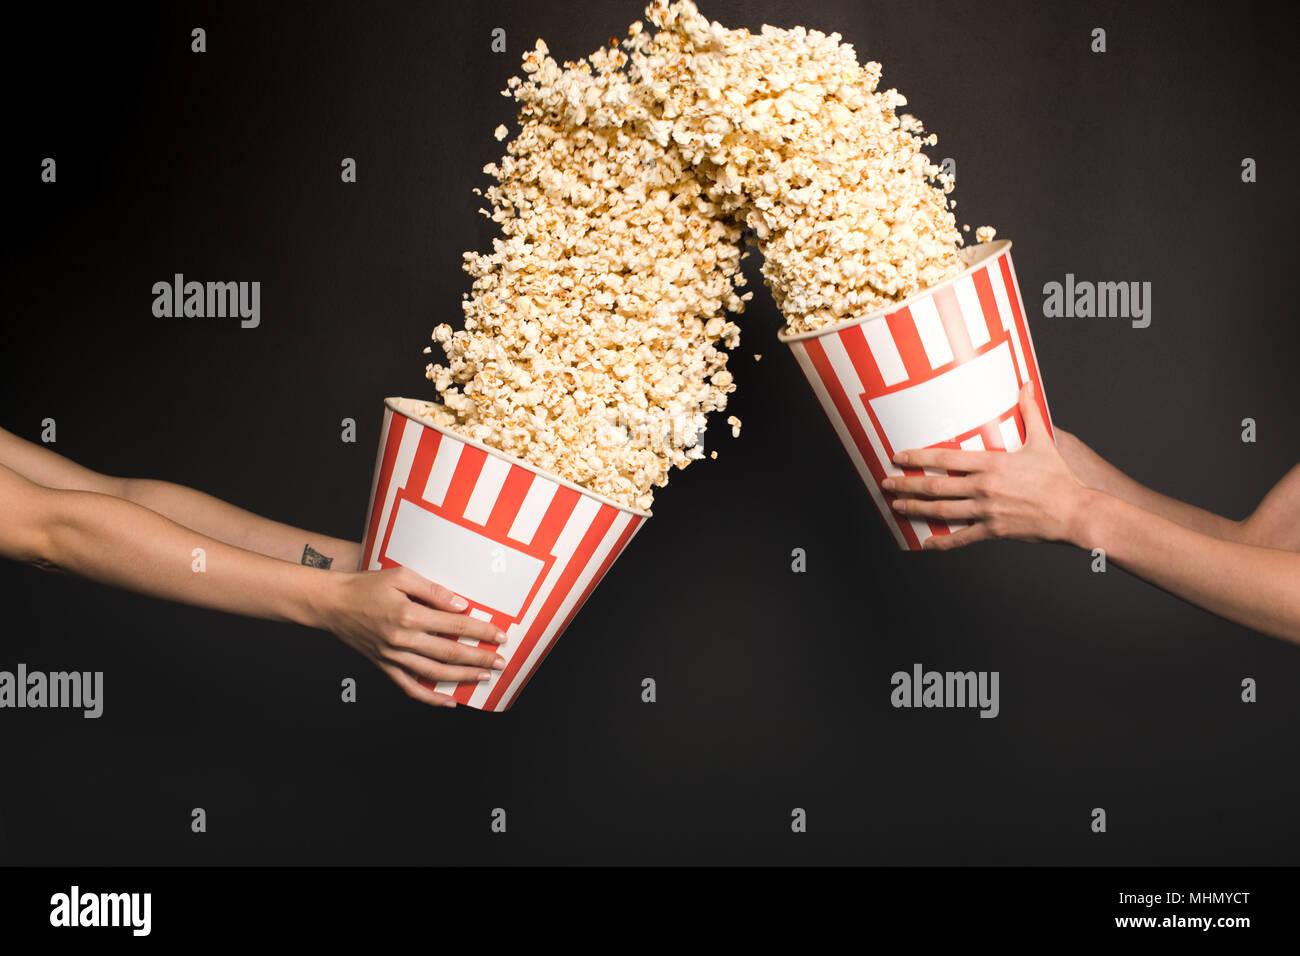 Dick in popcorn